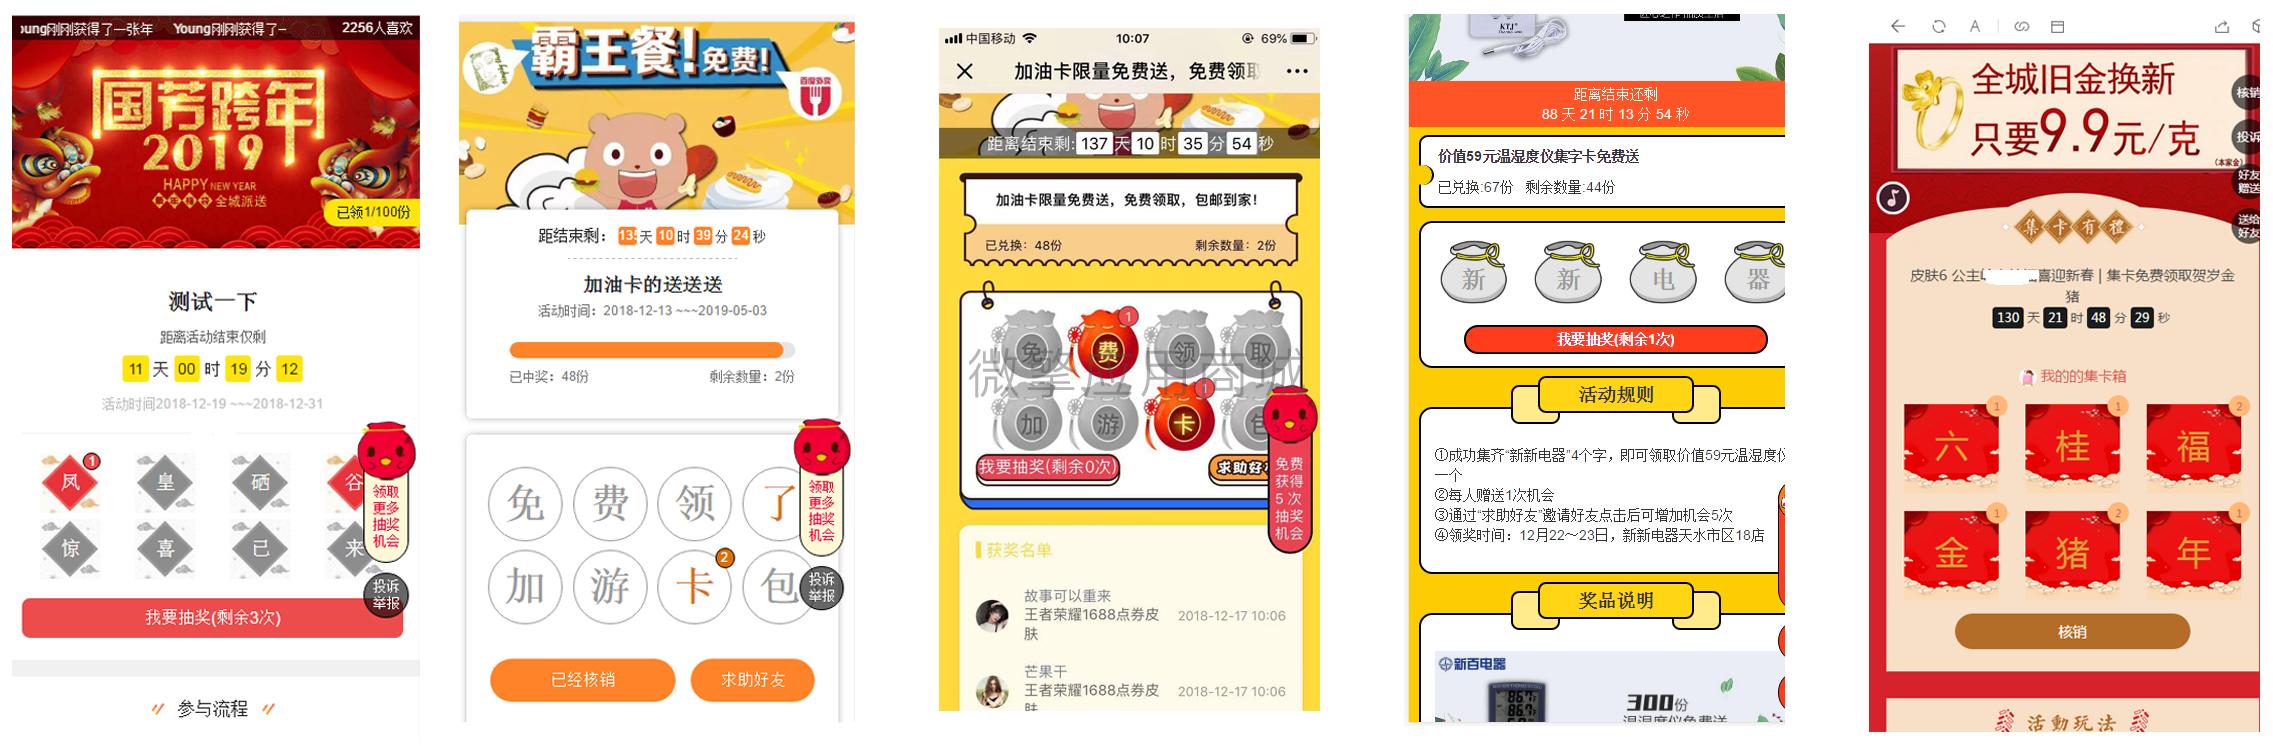 wq模块百川多公众号集字福袋V3.0.2-渔枫源码分享网